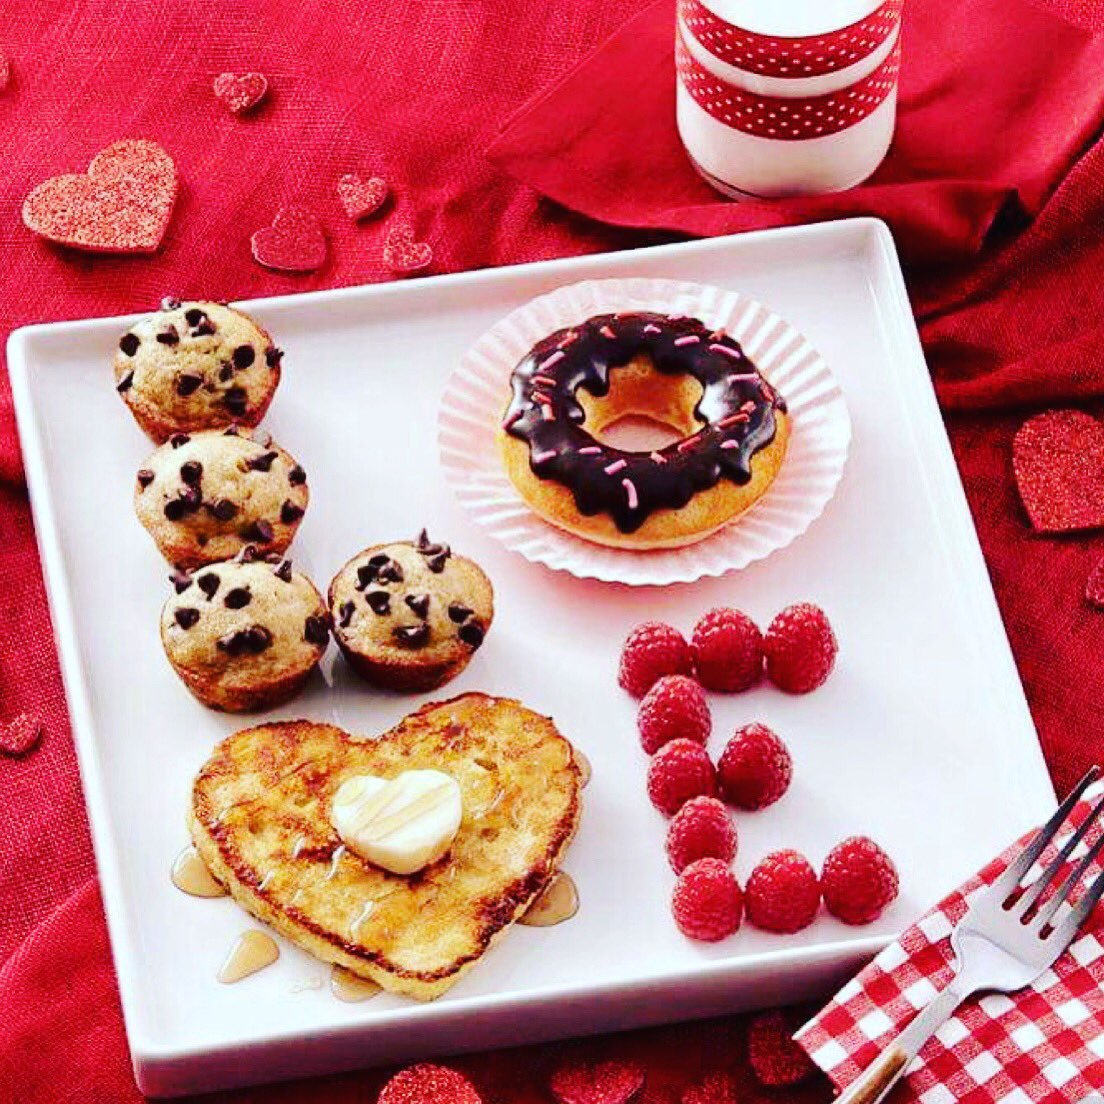 праздничный завтрак для любимого рецепты с фото поделку смастерили вместе